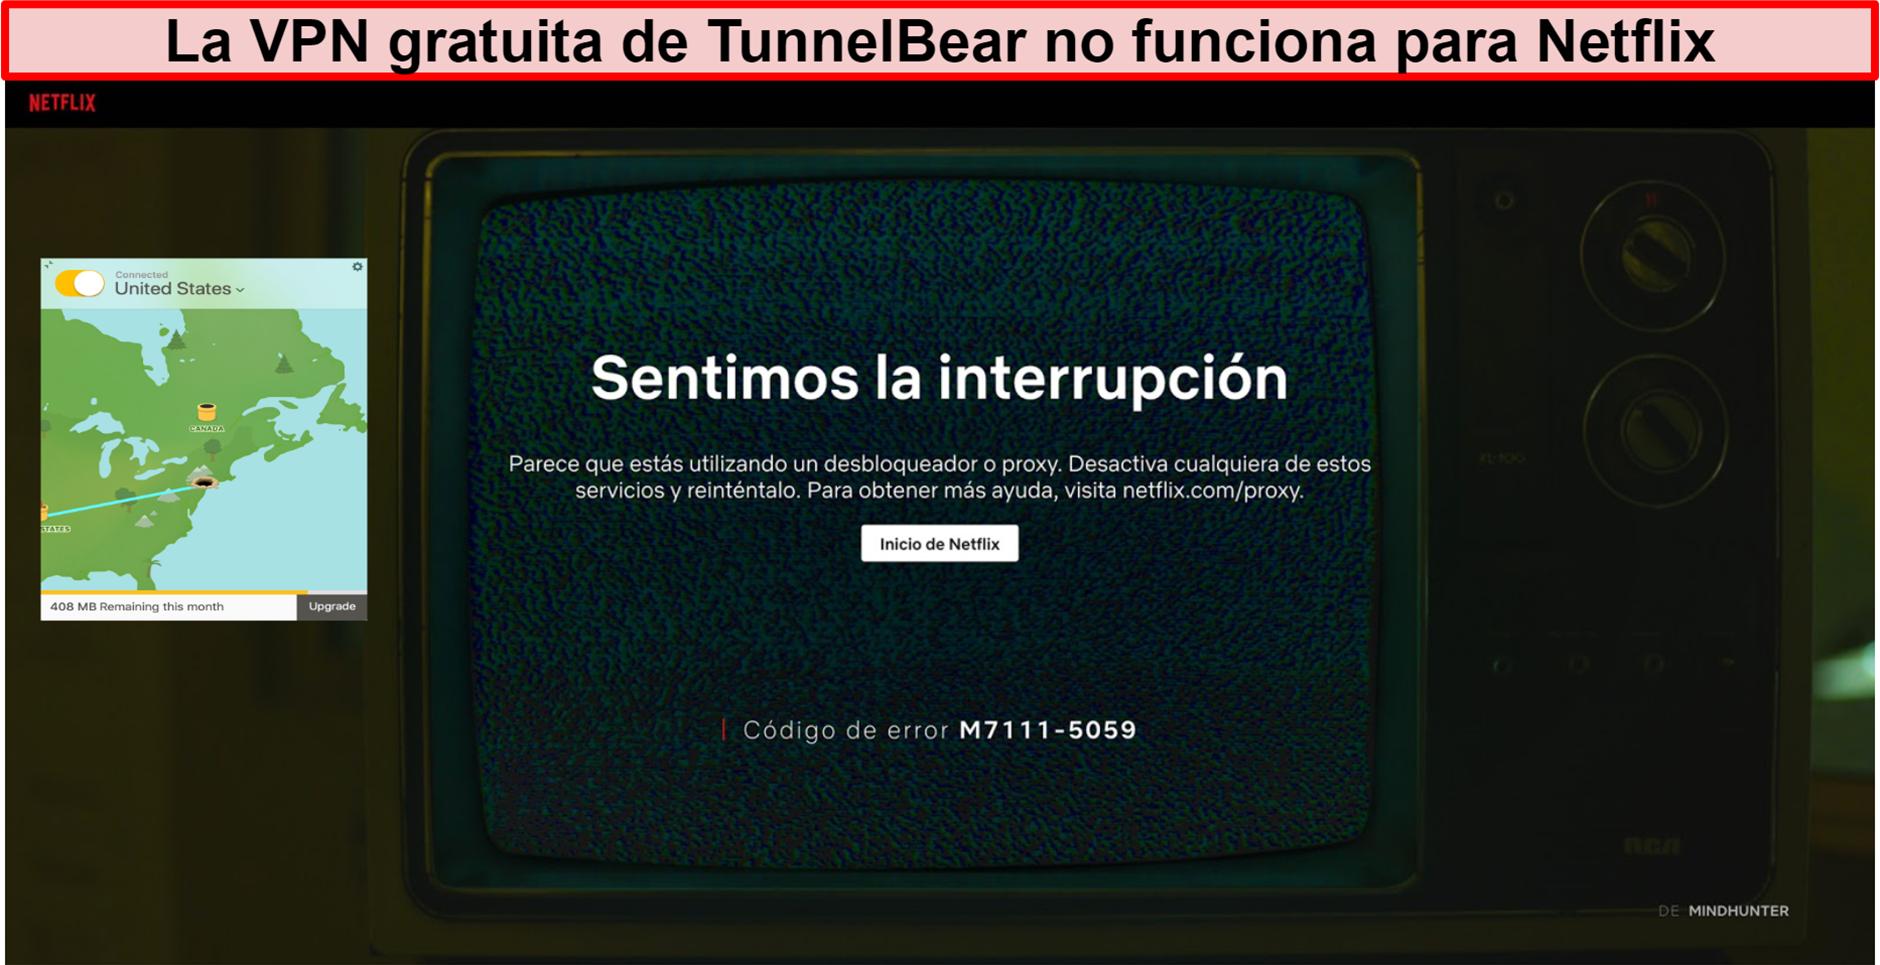 Captura de pantalla de TunnelBear VPN conectada a los EE. UU. Con Netflix que muestra el mensaje de error de desbloqueo o proxy